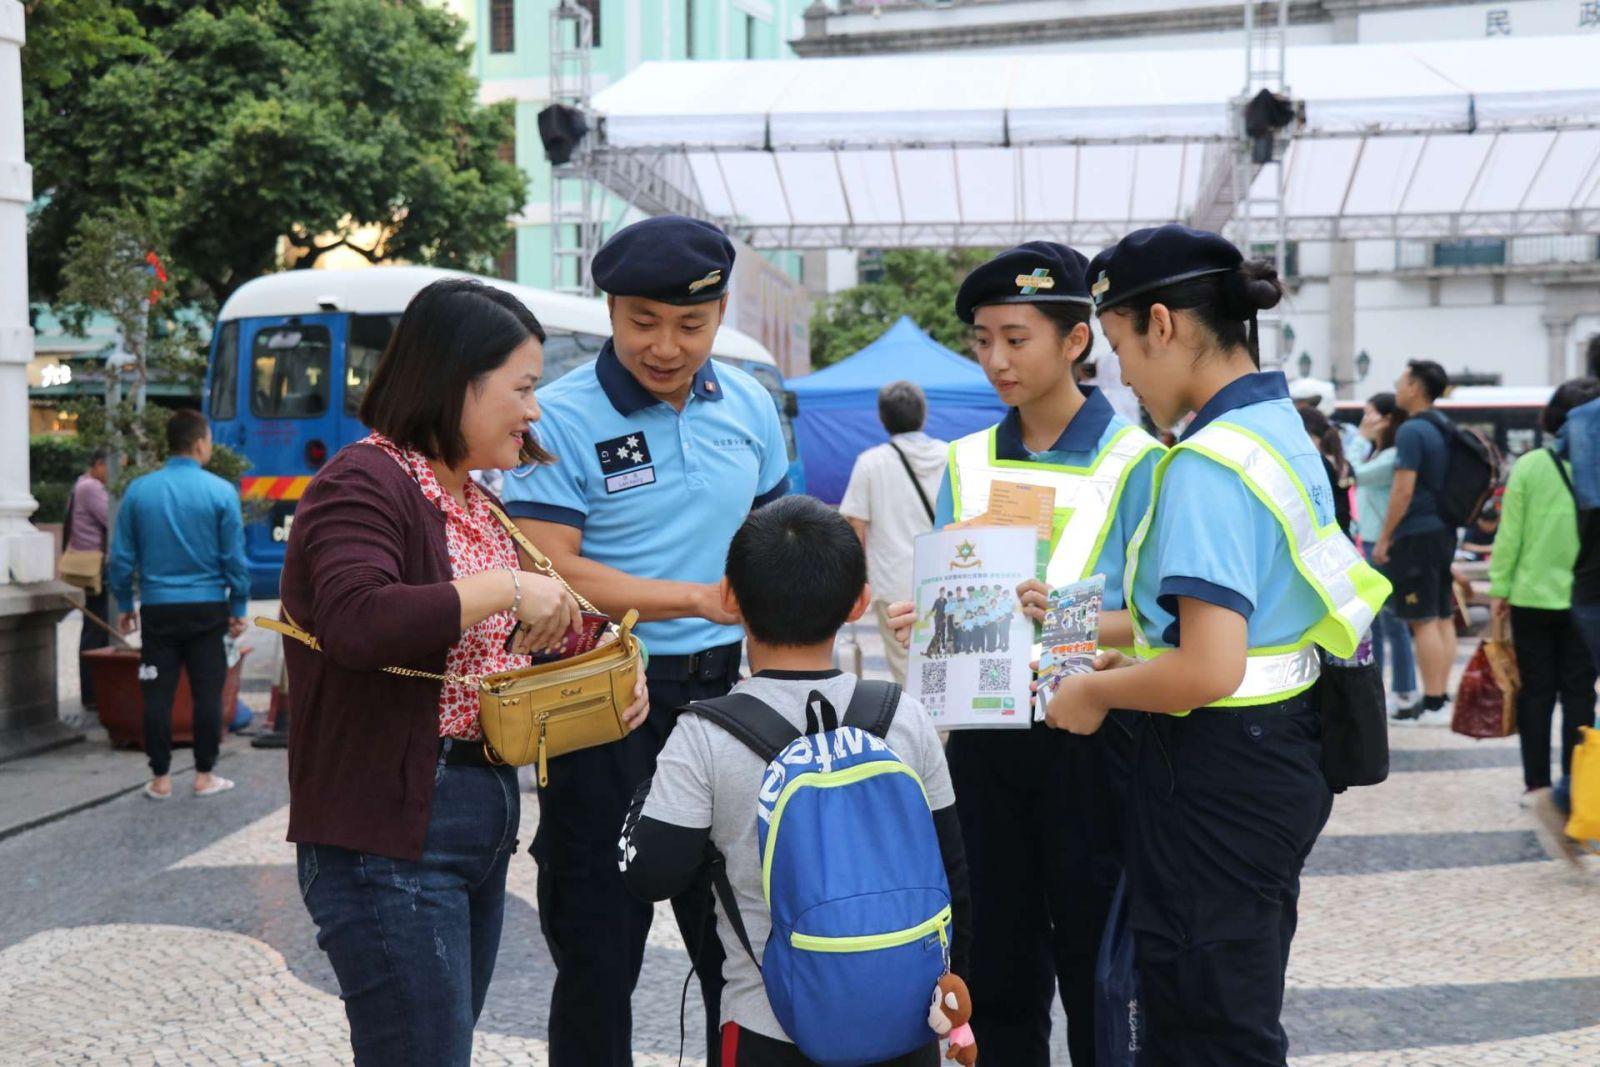 治安警聯同少年團宣導交通安全